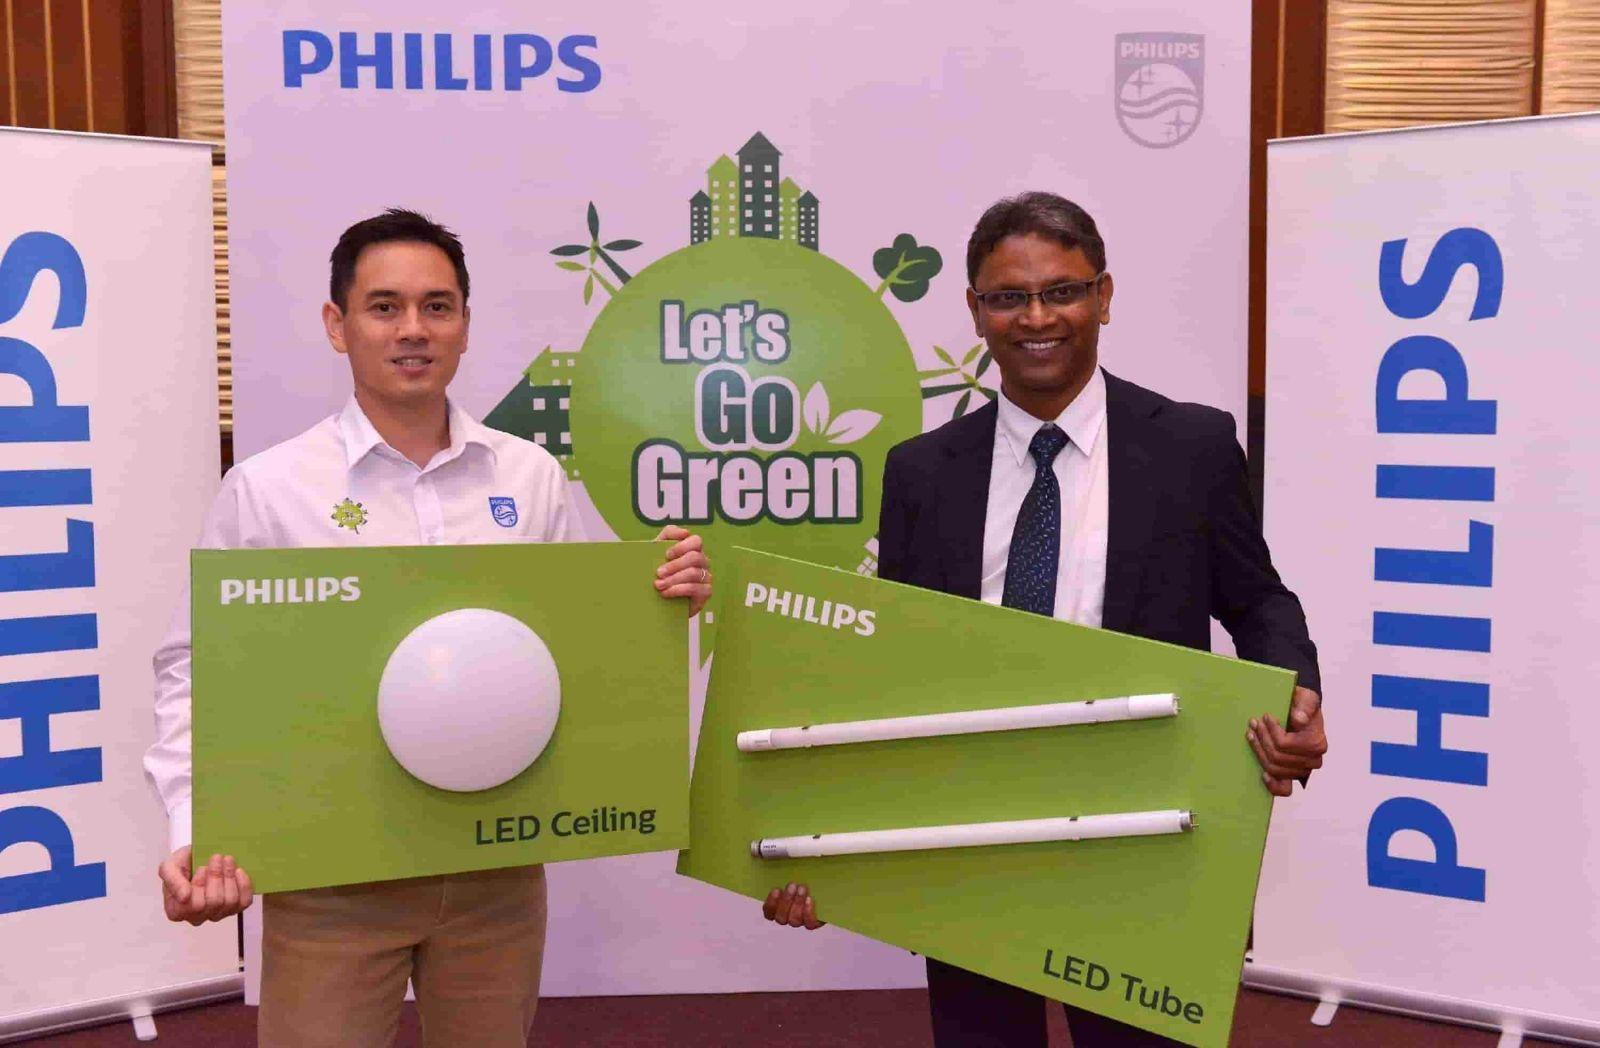 Leds Go Green hân hạnh mang ánh sáng xanh cho mỗi gia đình